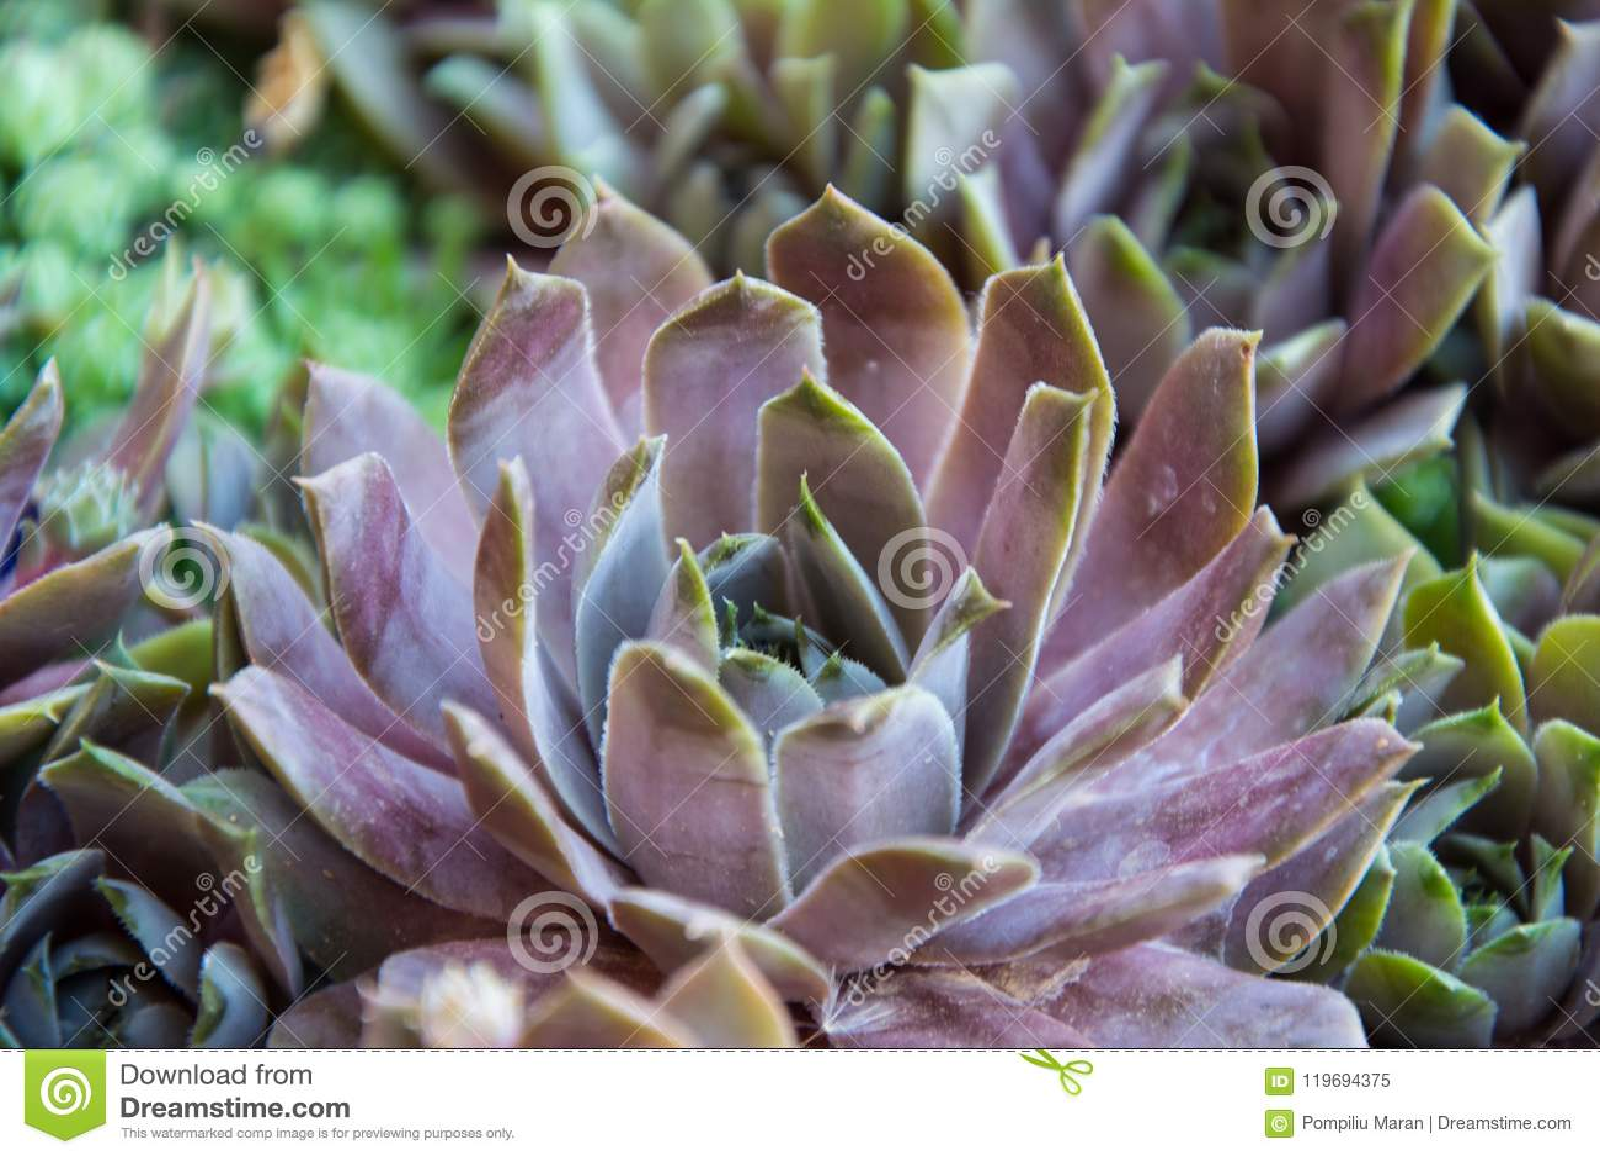 Sempervivum tectorum houseleek